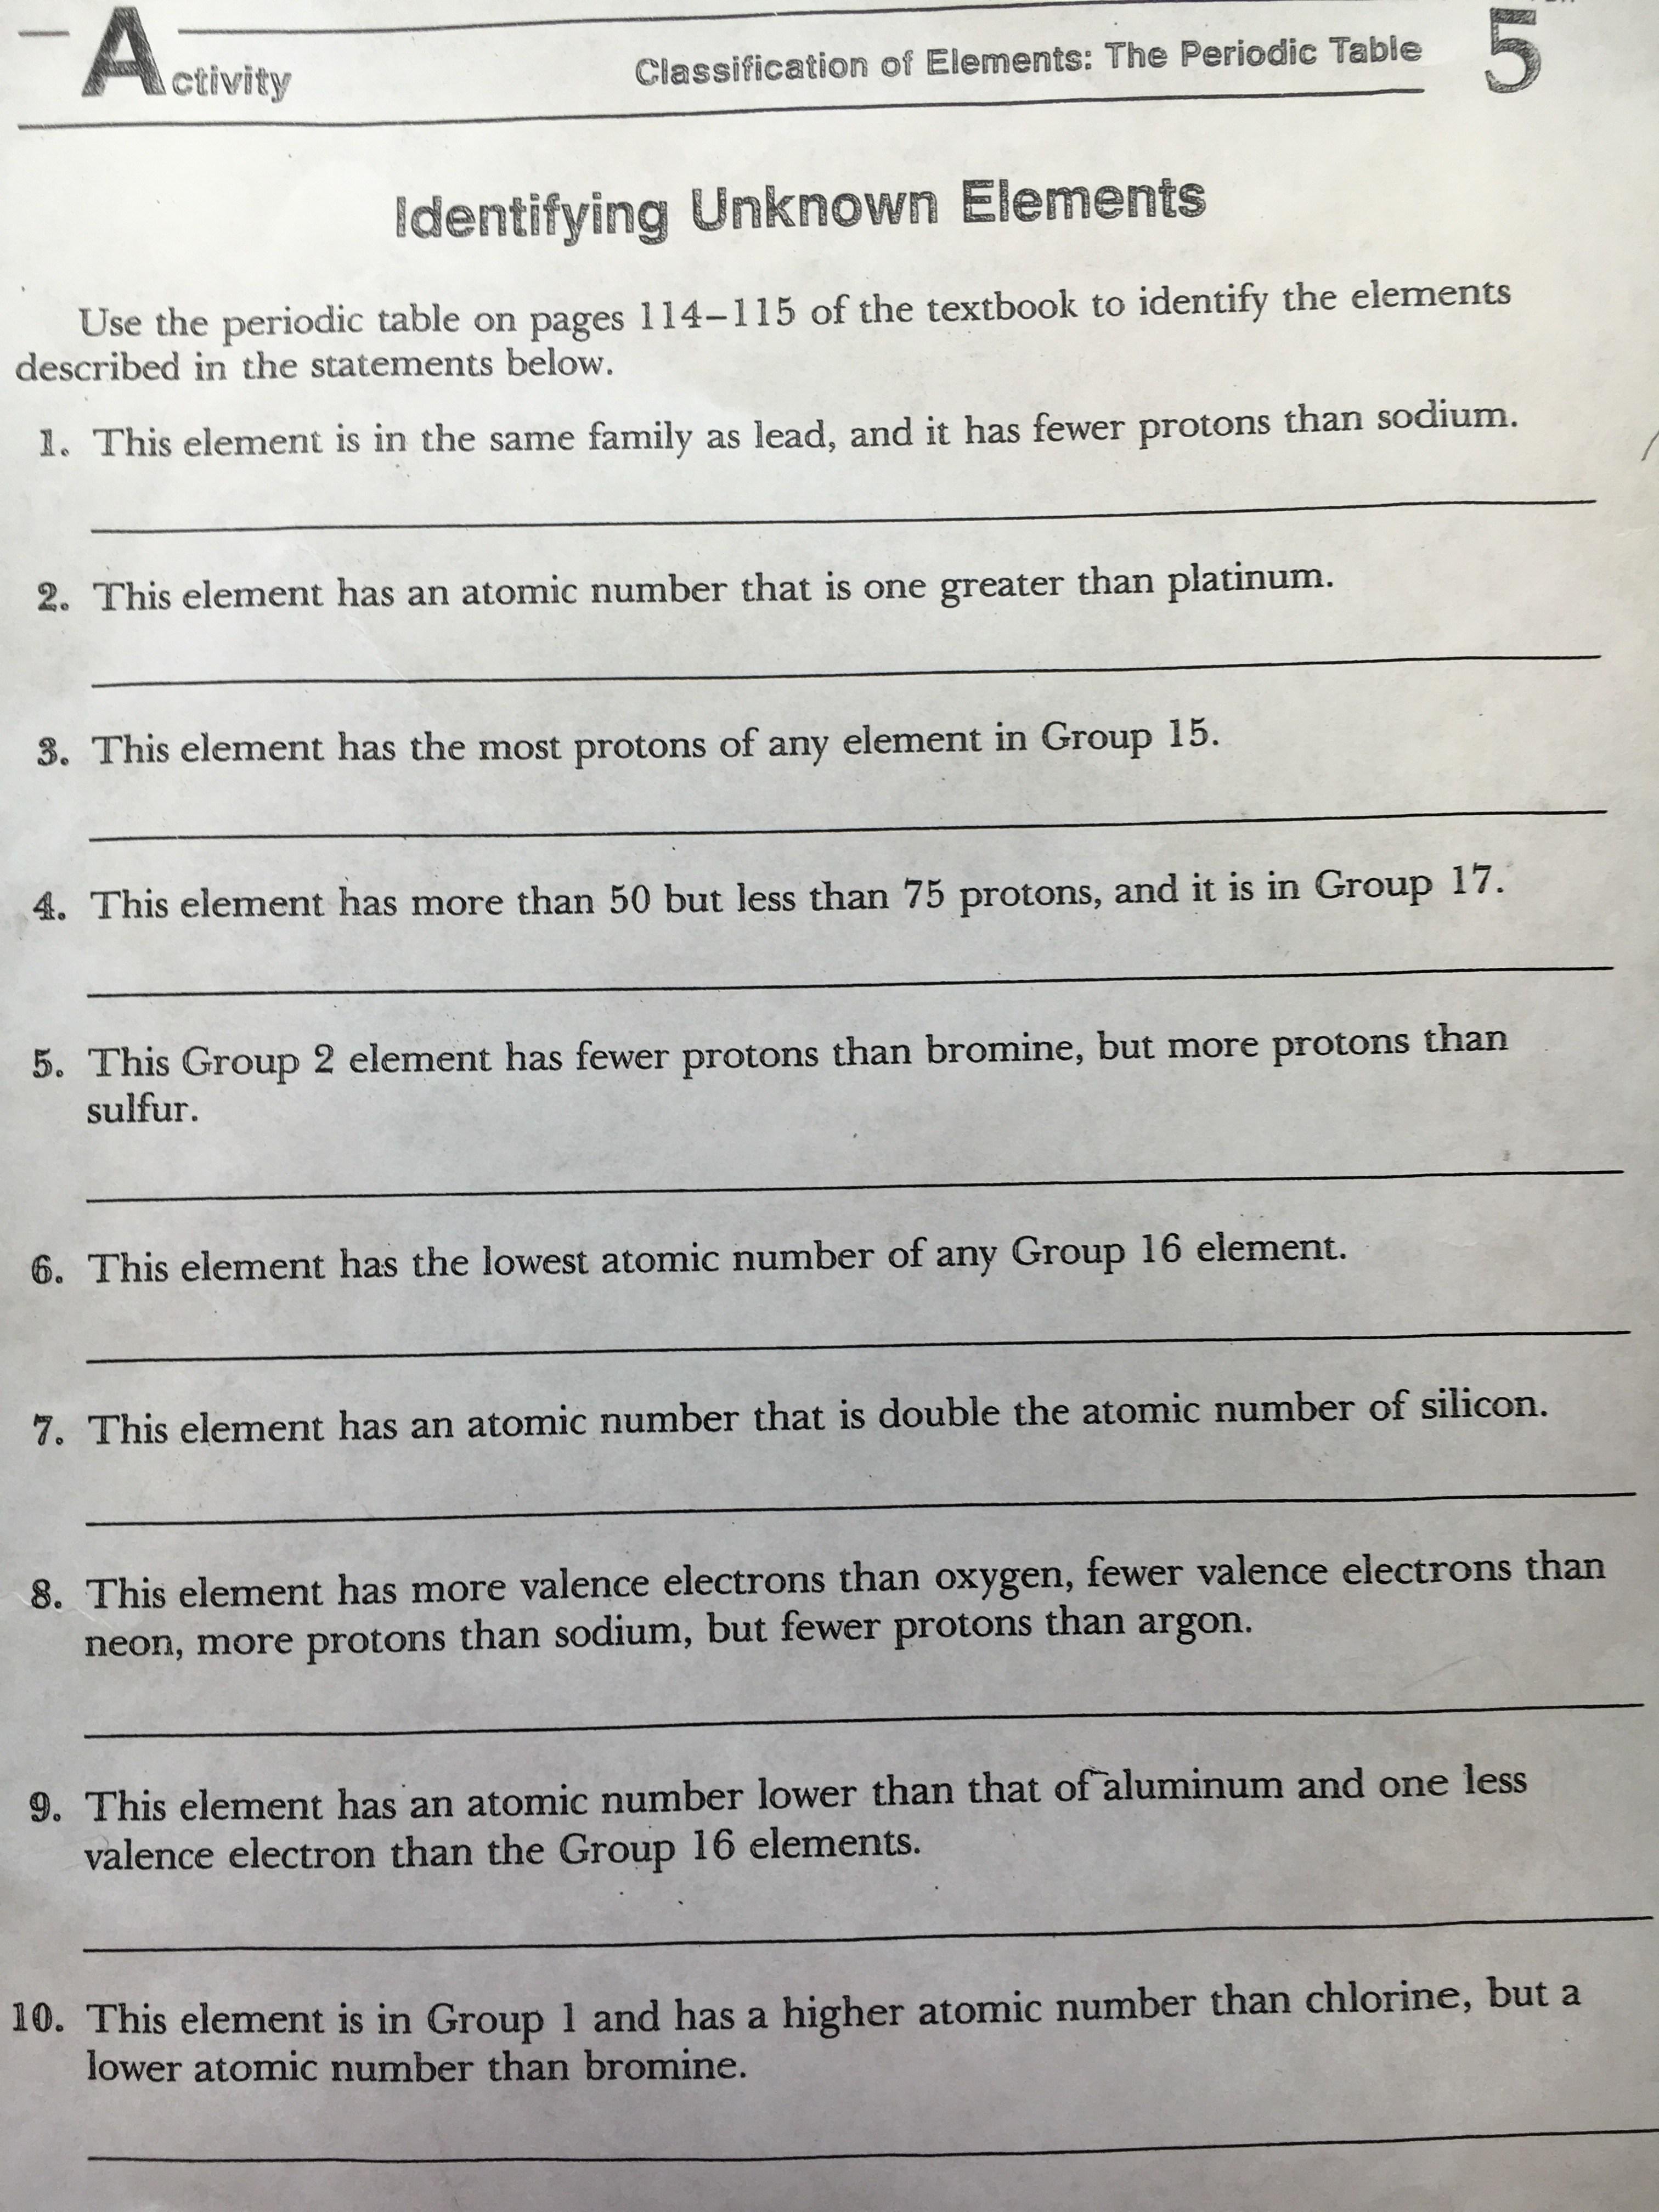 El sereno middle school ws interpreting the periodic table gamestrikefo Image collections